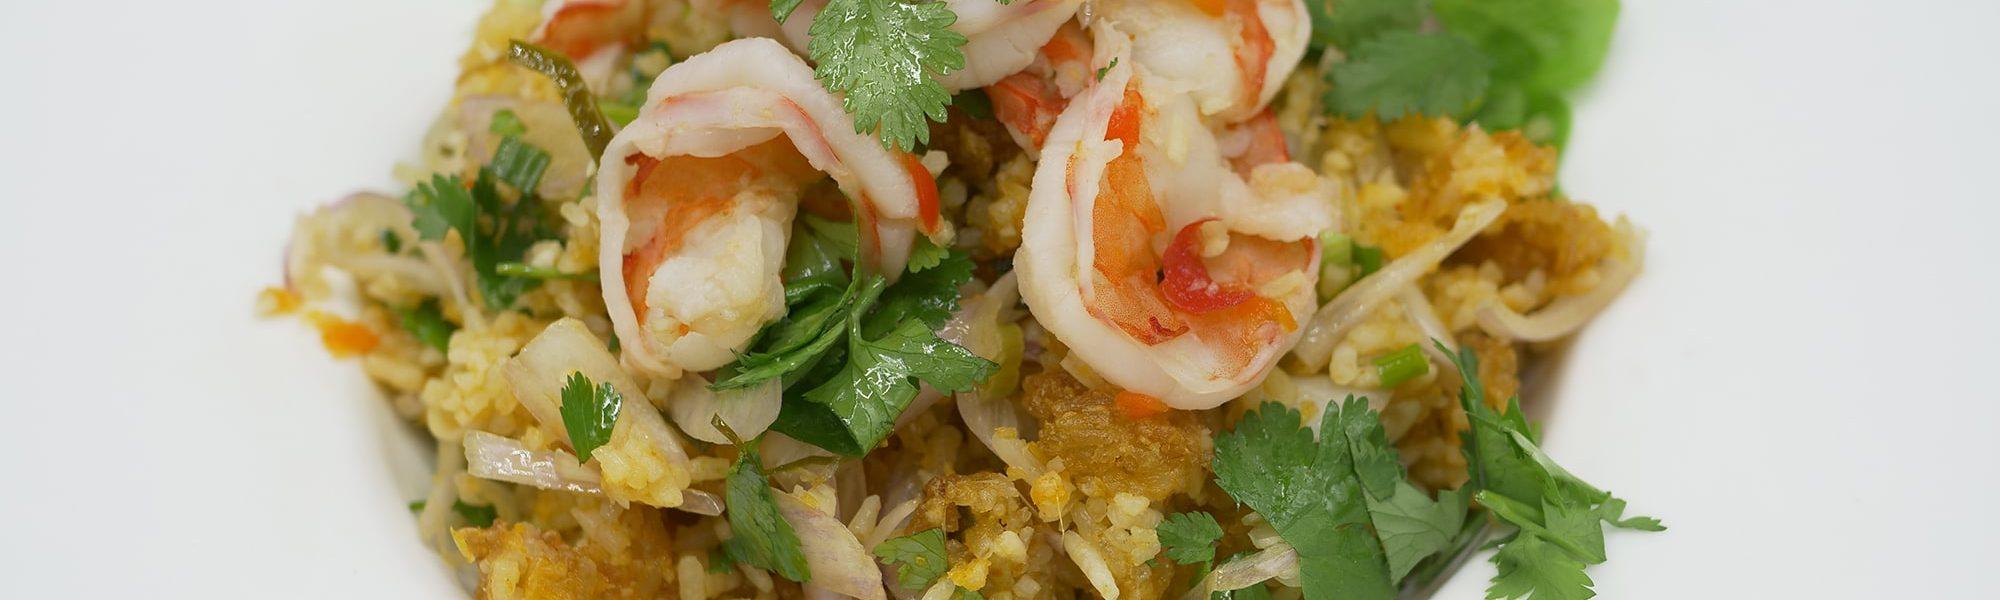 Cuisine Thailandaise | Salade riz gluant grillé crevettes | Restaurant Paris